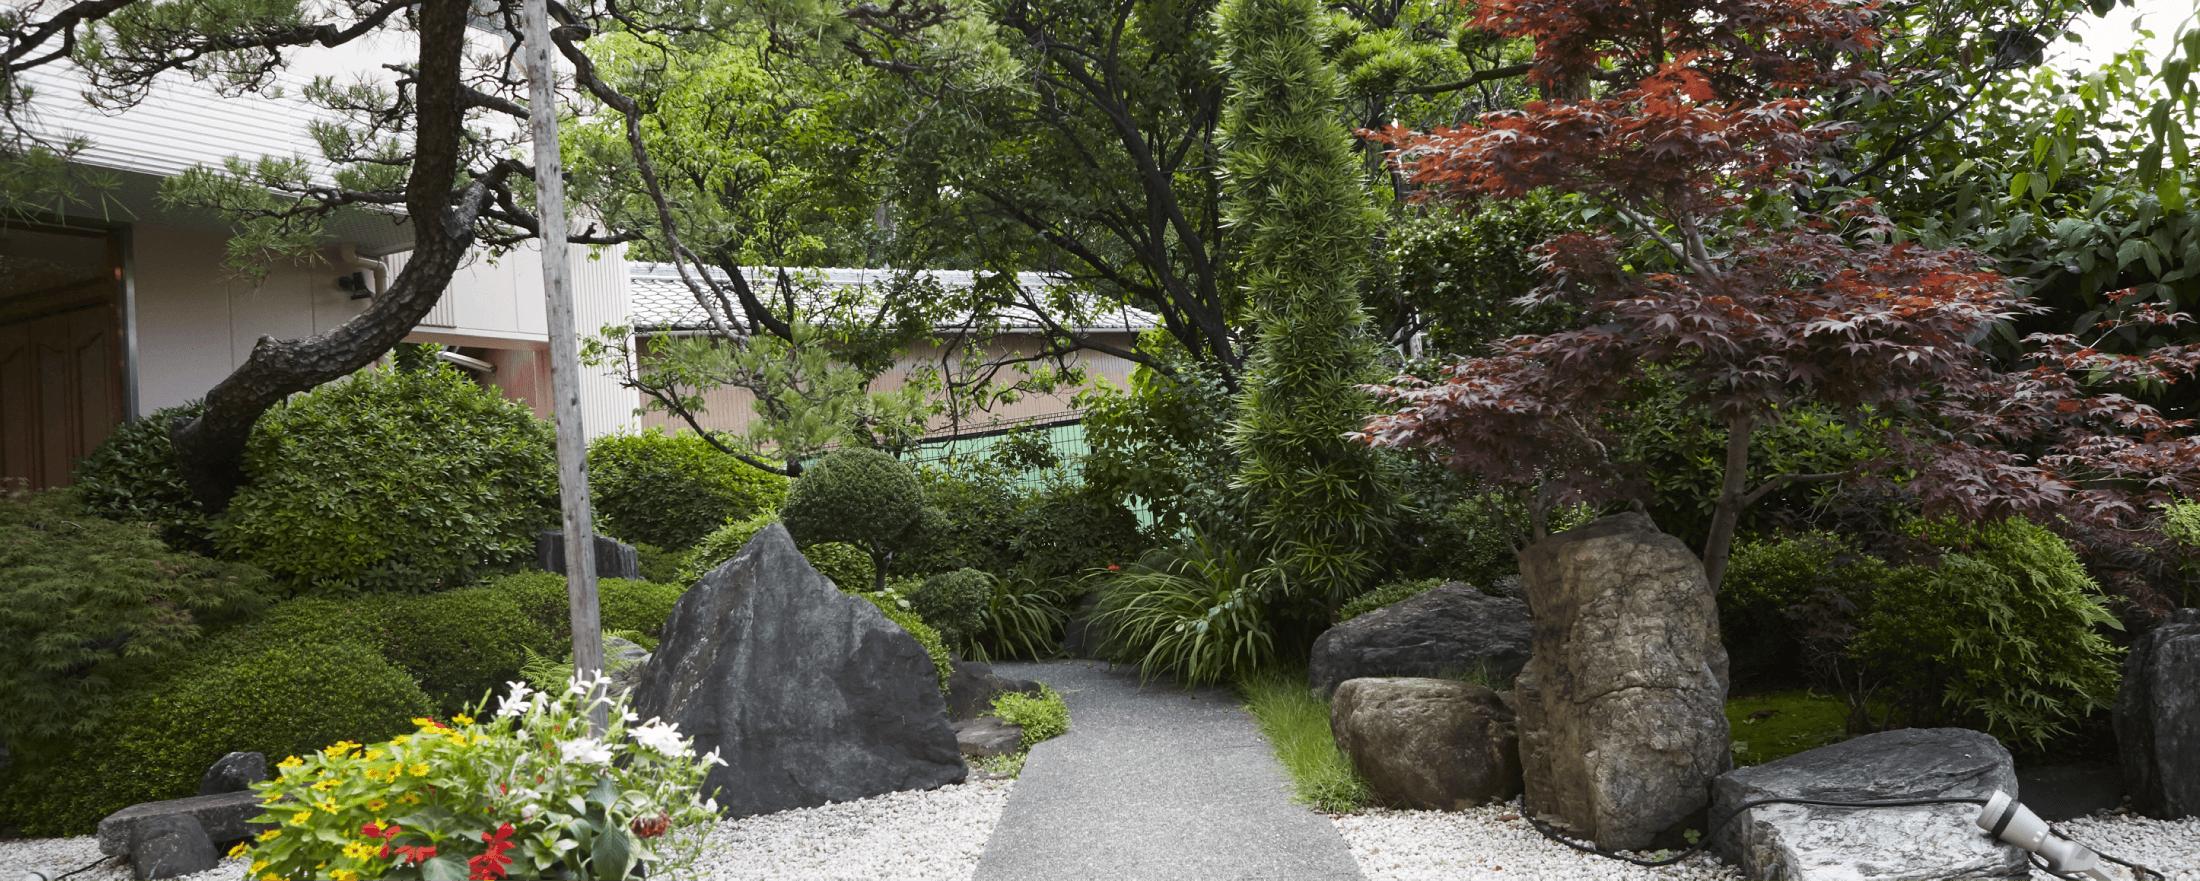 川原神社と松浦衣裳店をつなぐ秘密の近道。